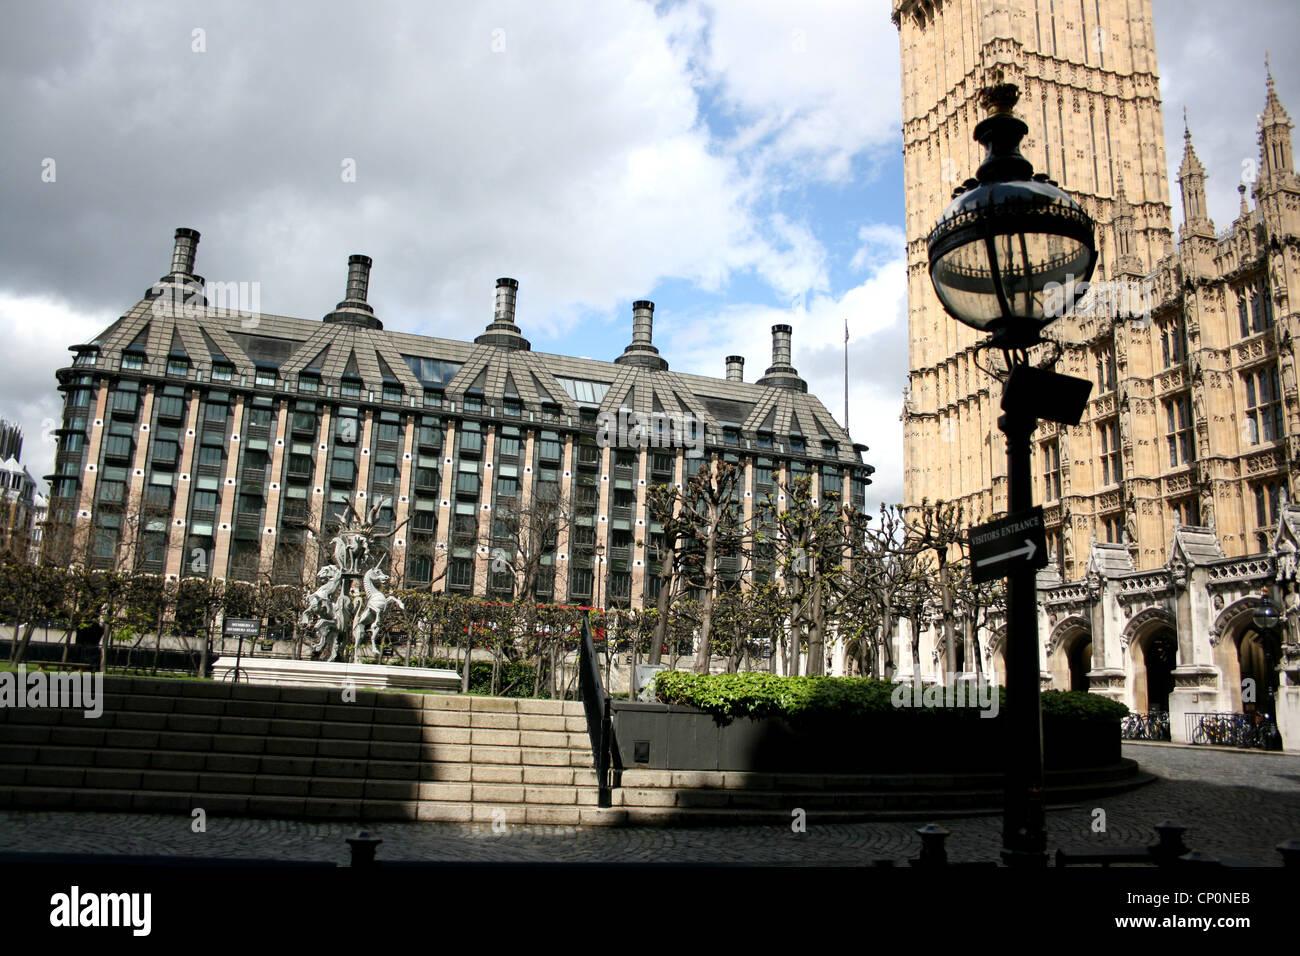 Portcullis House et Big Ben Westminster London uk 2012 Banque D'Images